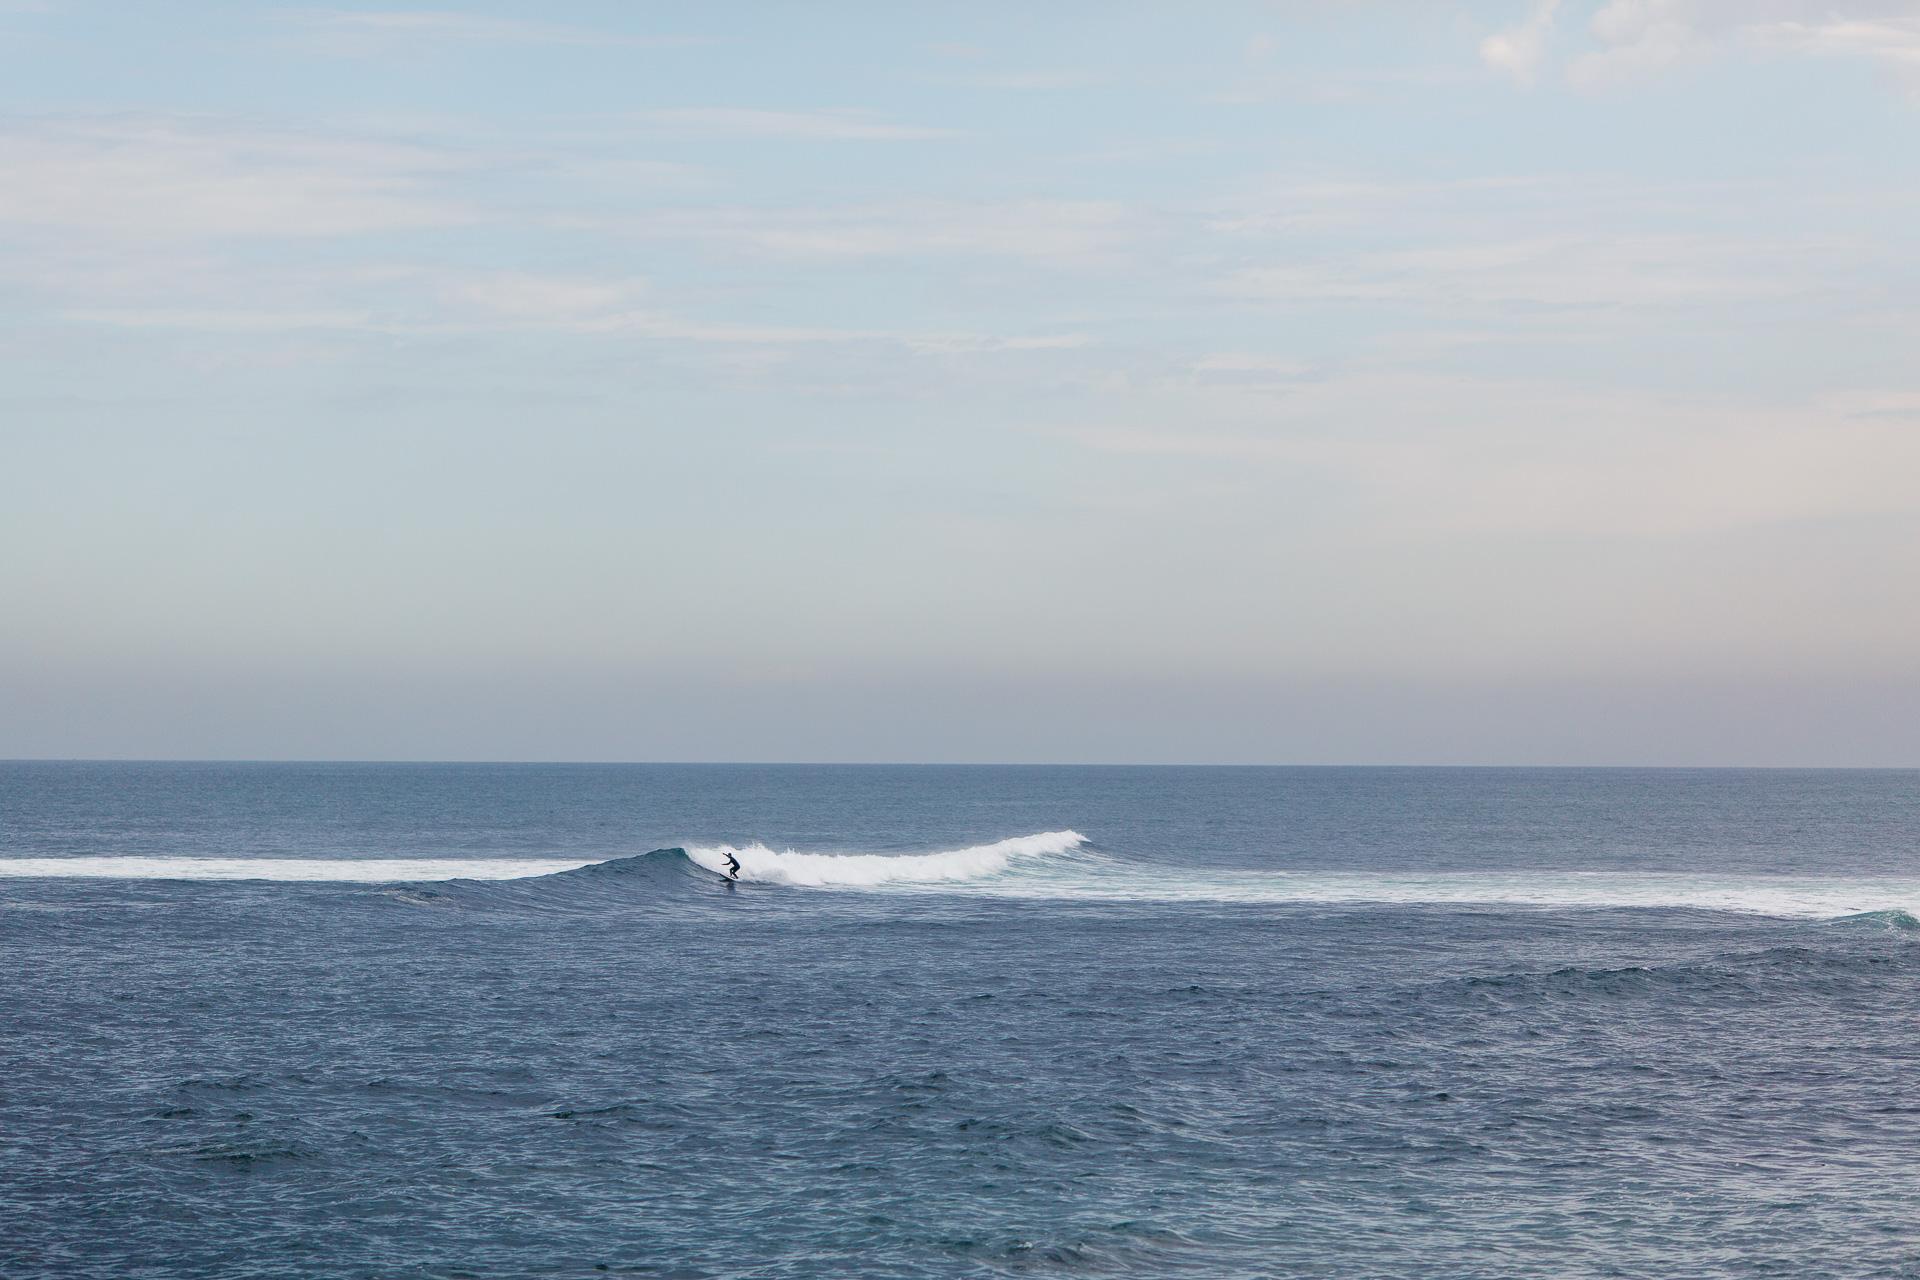 Damien-Dohmen-photographe-Ocean-21